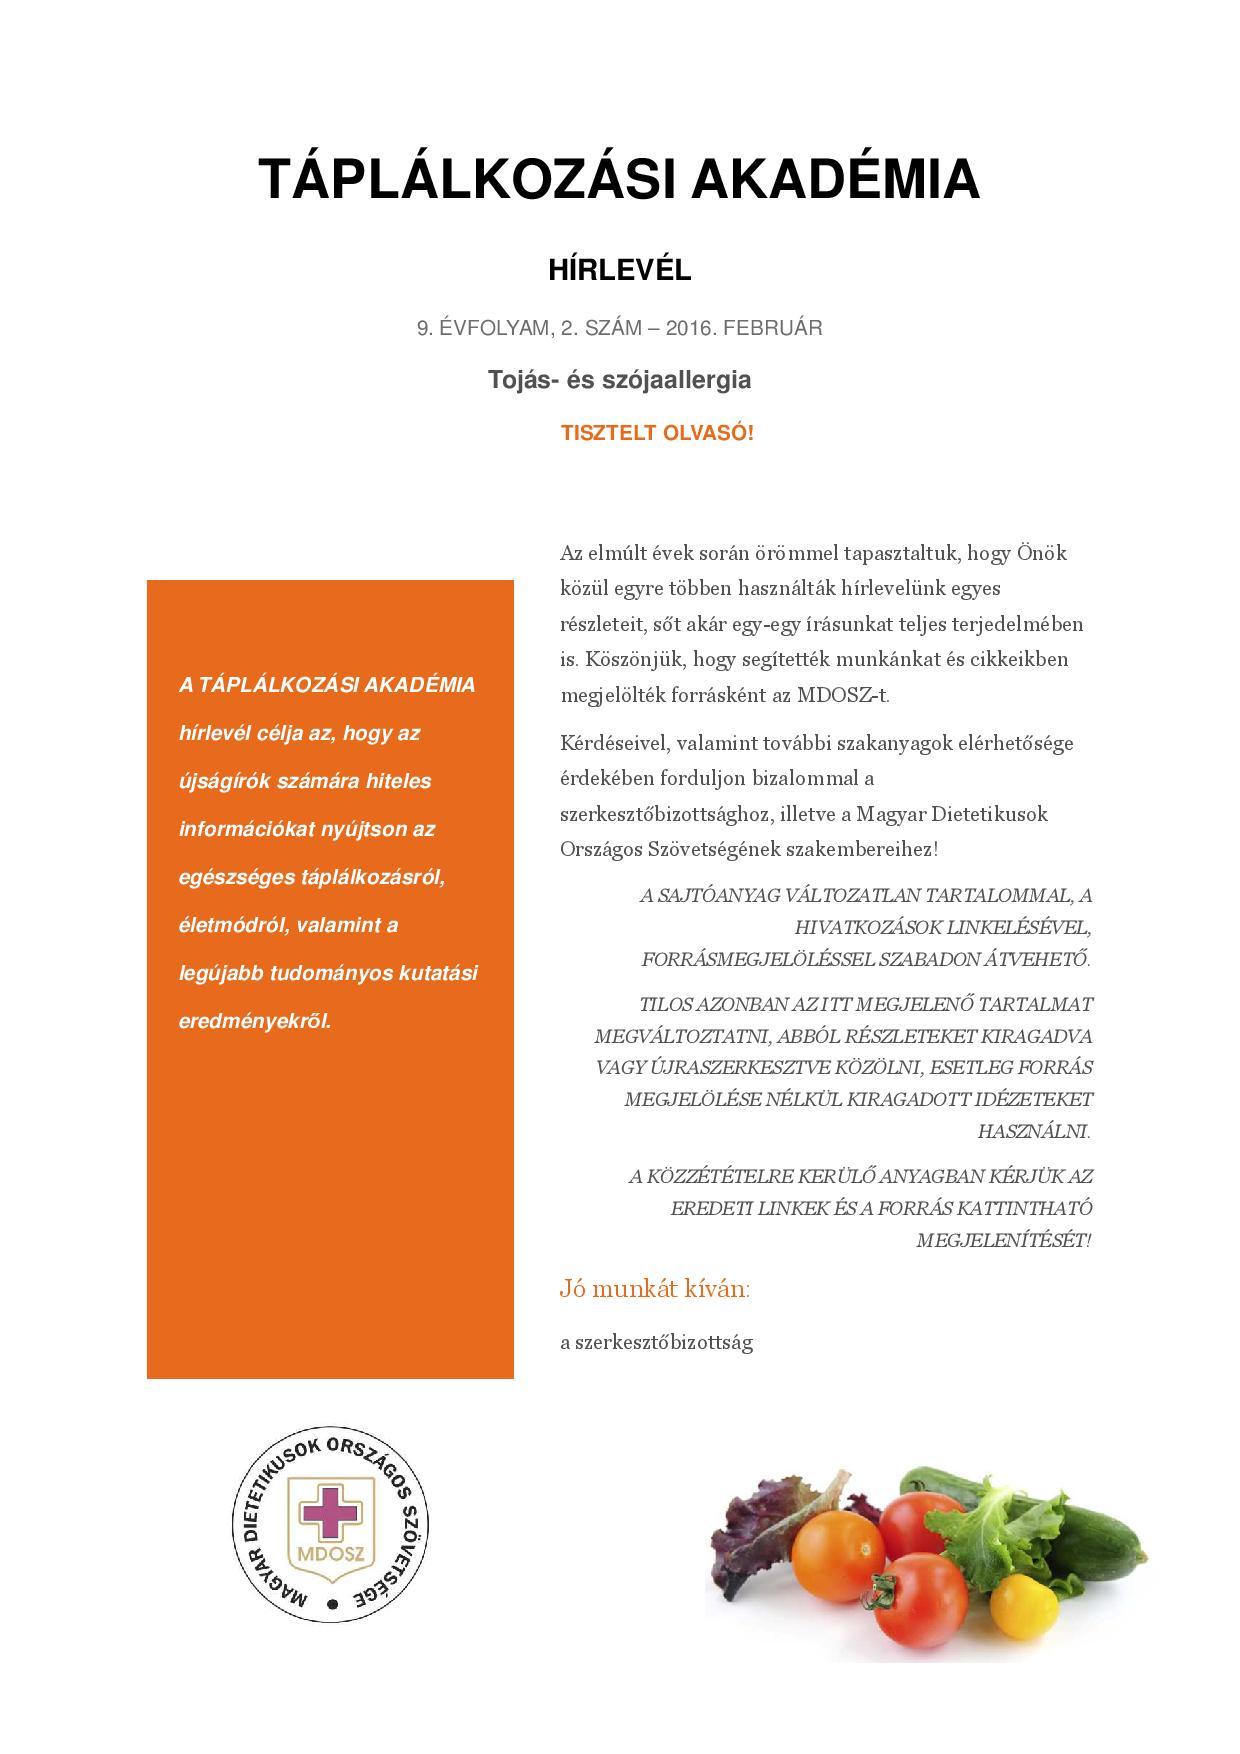 taplalkozasi_akademia_2016_02_tojas-_szojaallergia_160225-page-001